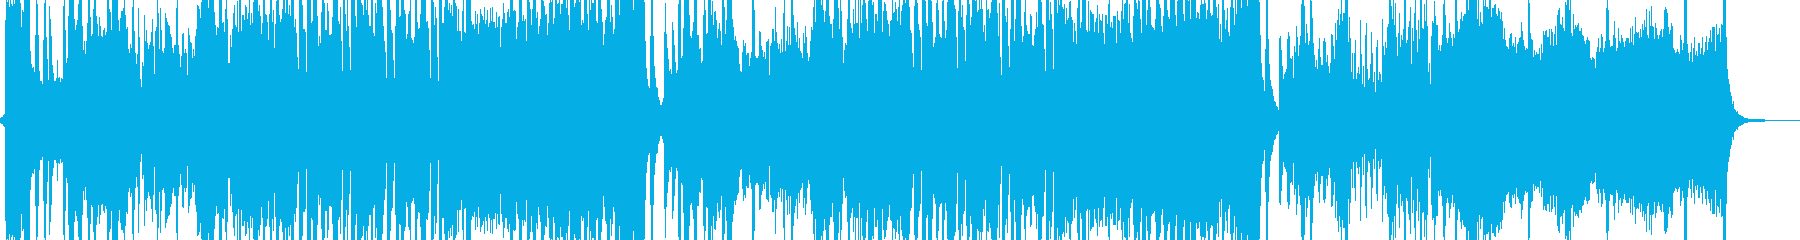 エンカウント 戦闘 シンフォニックの再生済みの波形